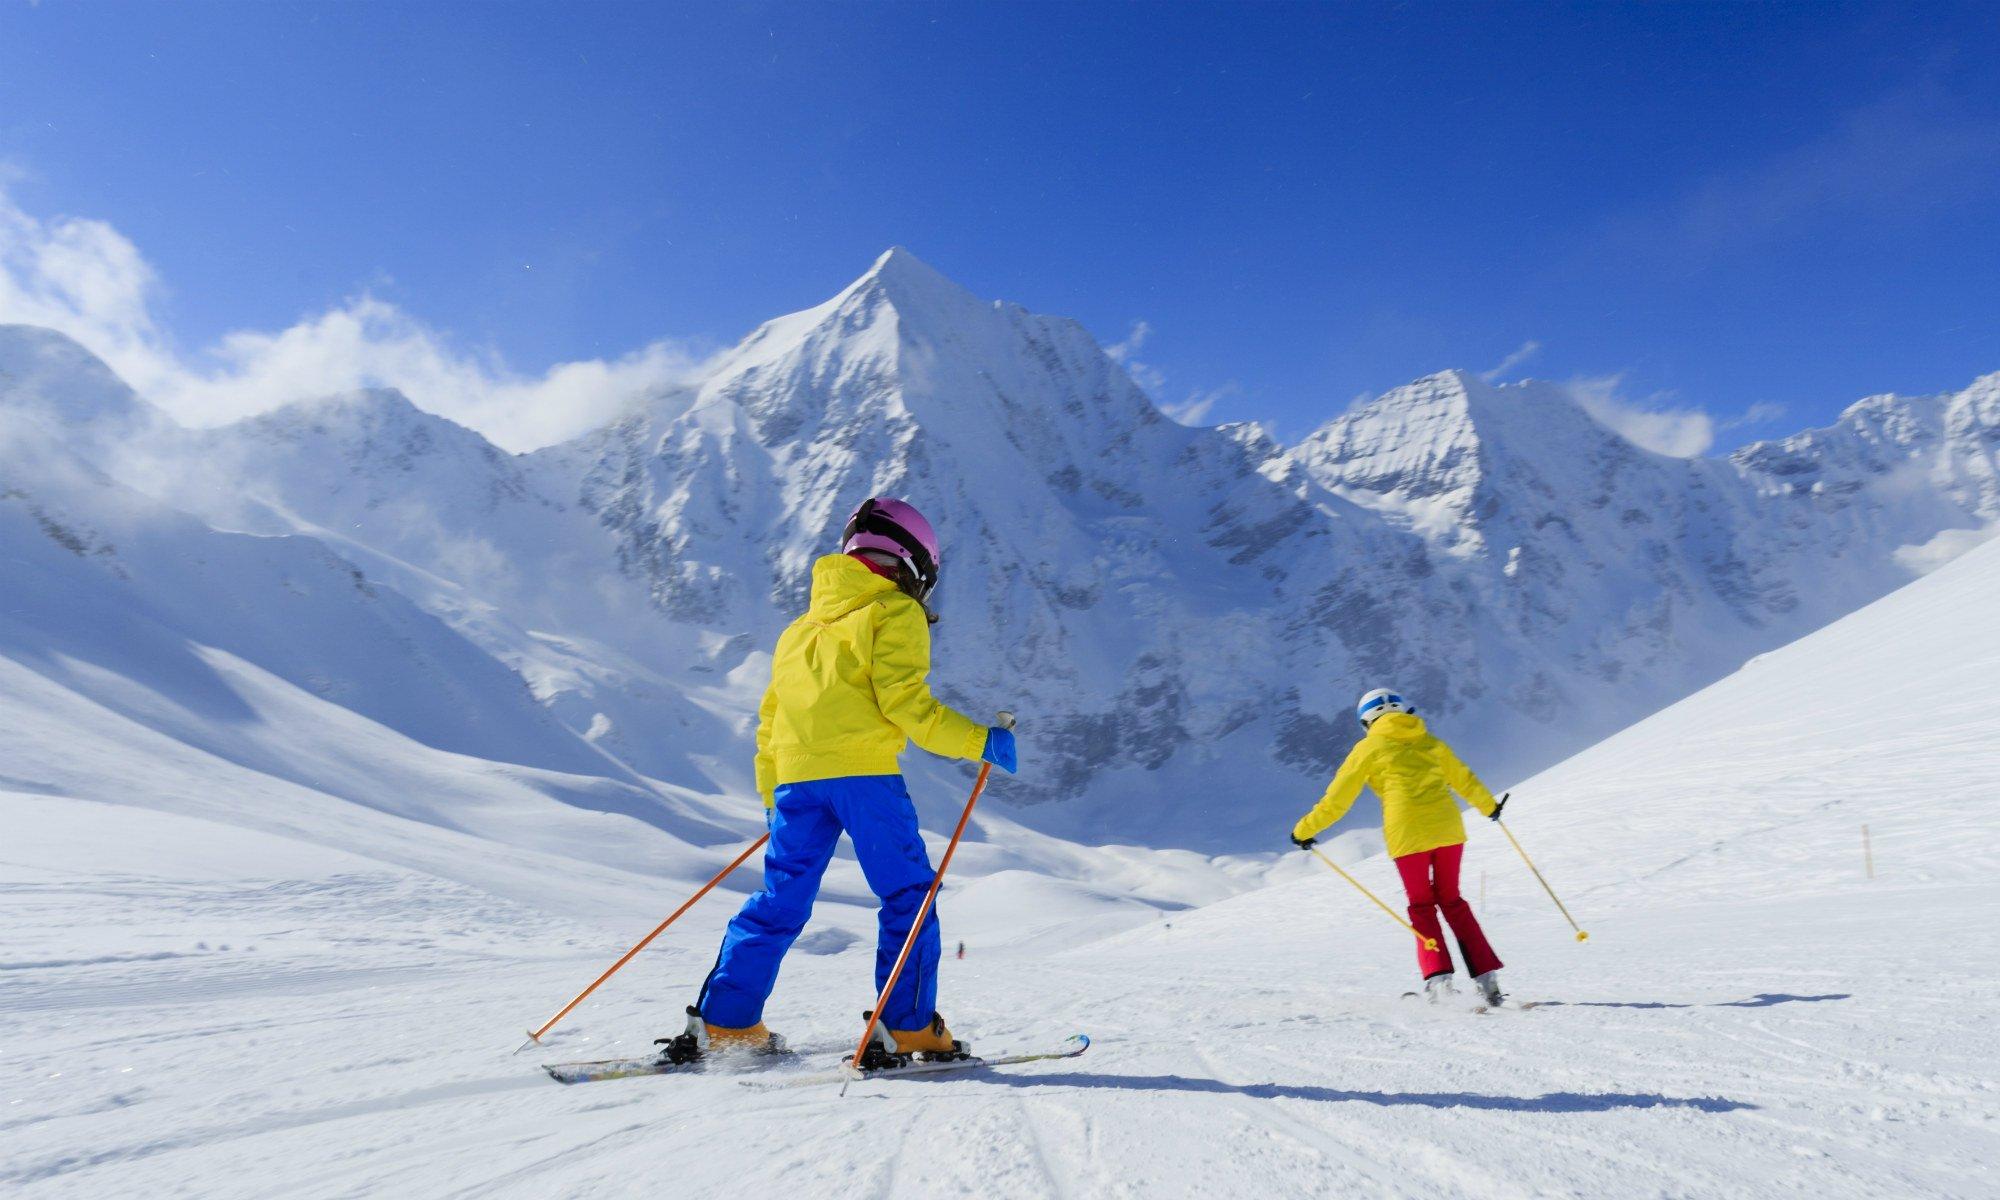 Deux skieurs sur une piste enneigée.